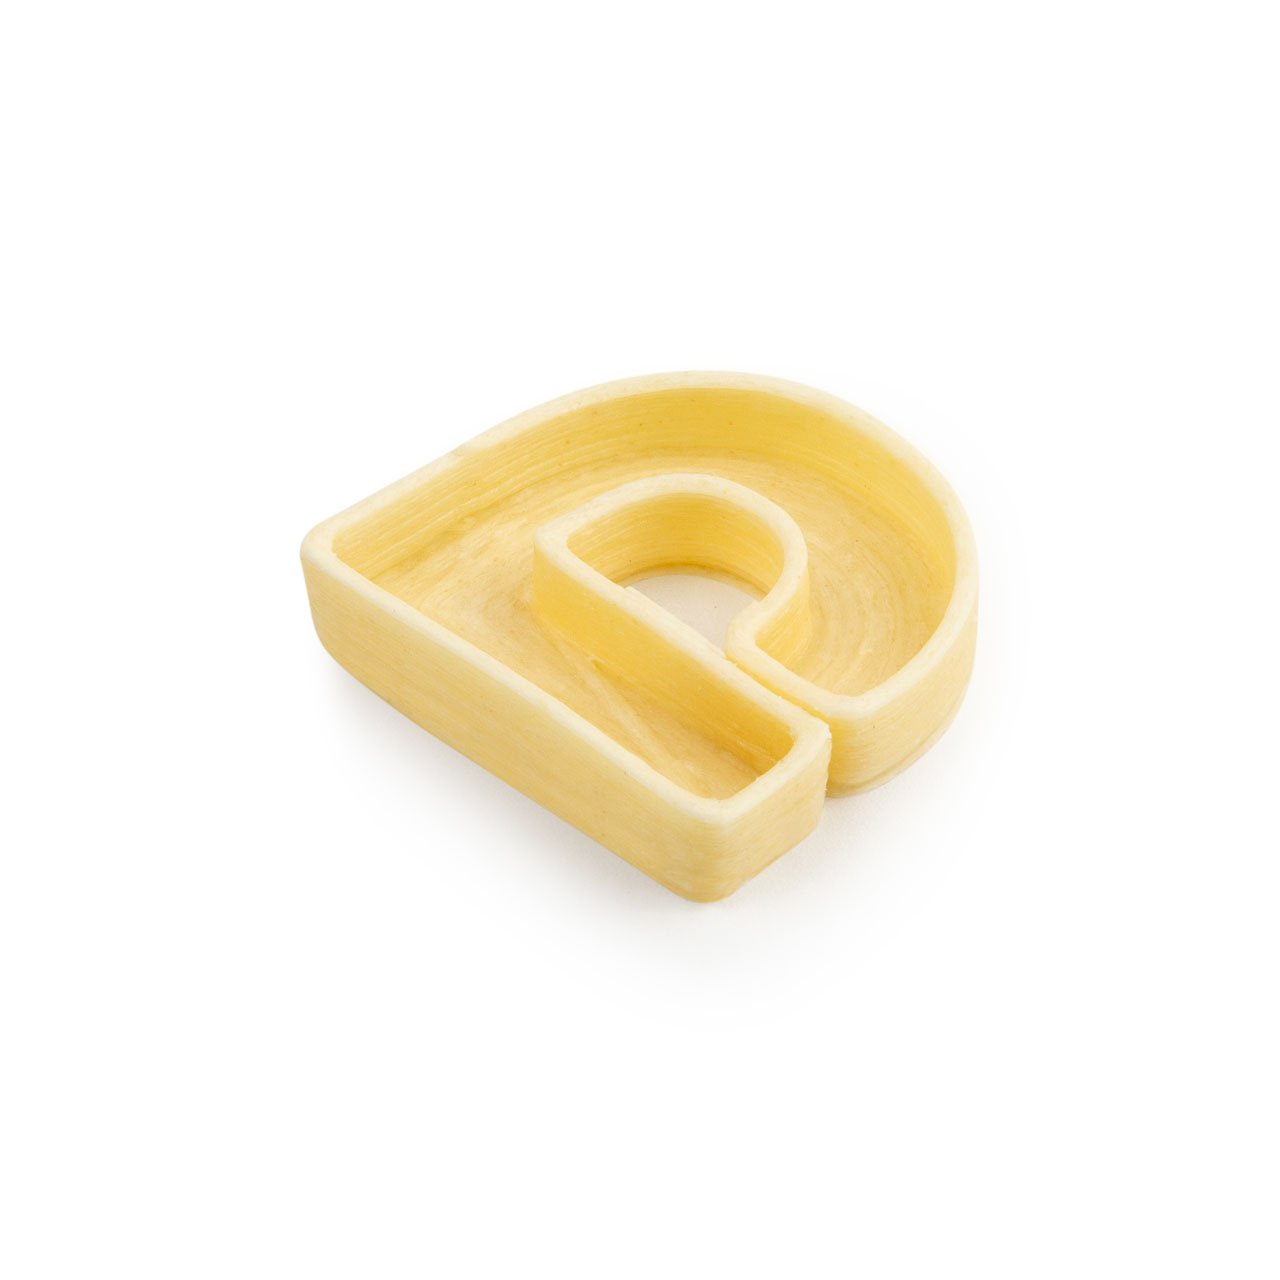 La lettera D di pasta